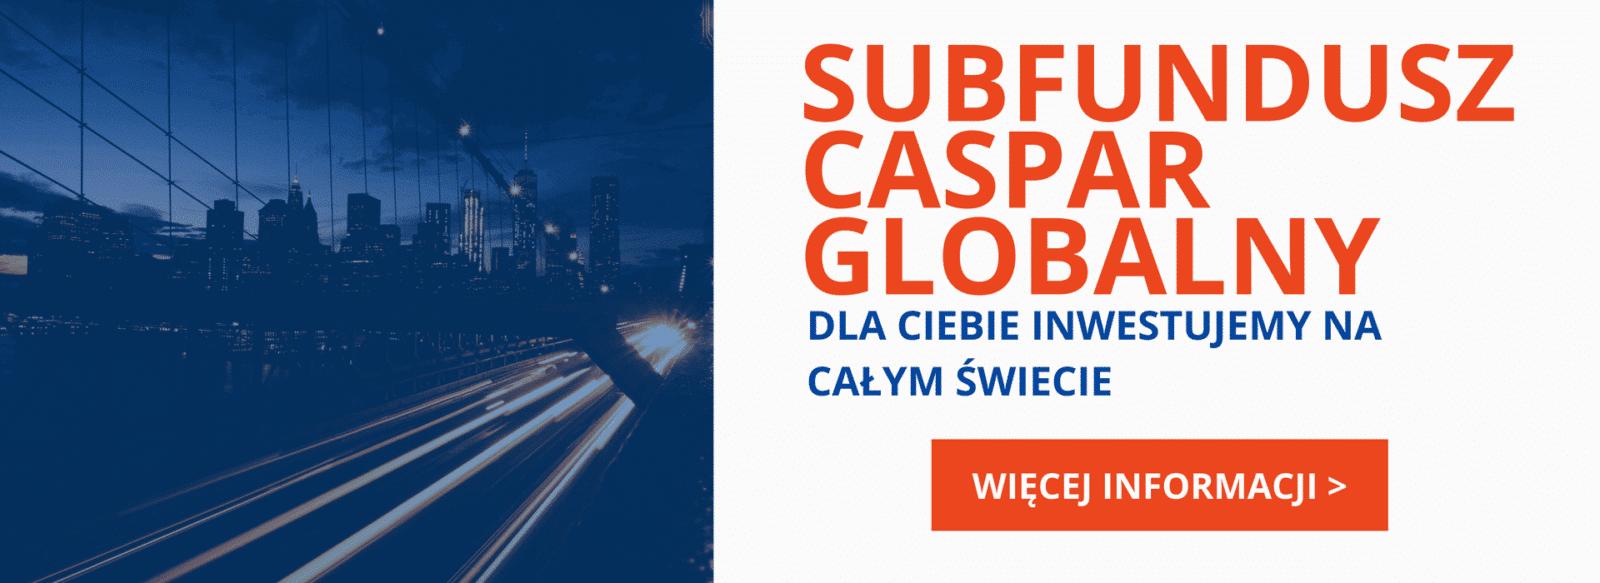 Caspar Globalny - inwestujemy globalnie